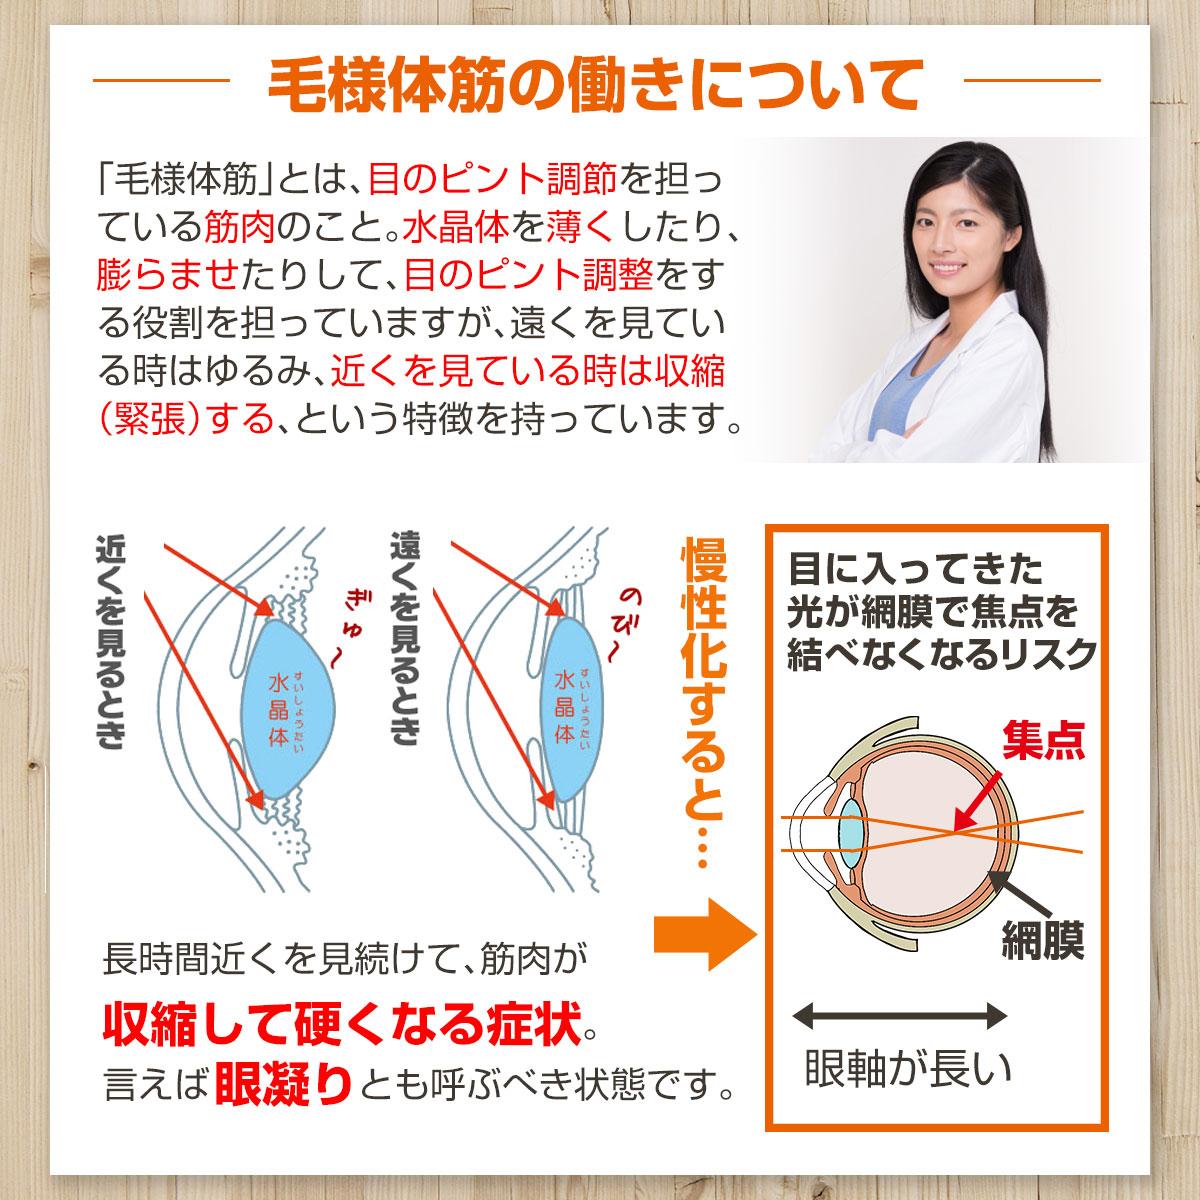 毛様体筋と近視の関係